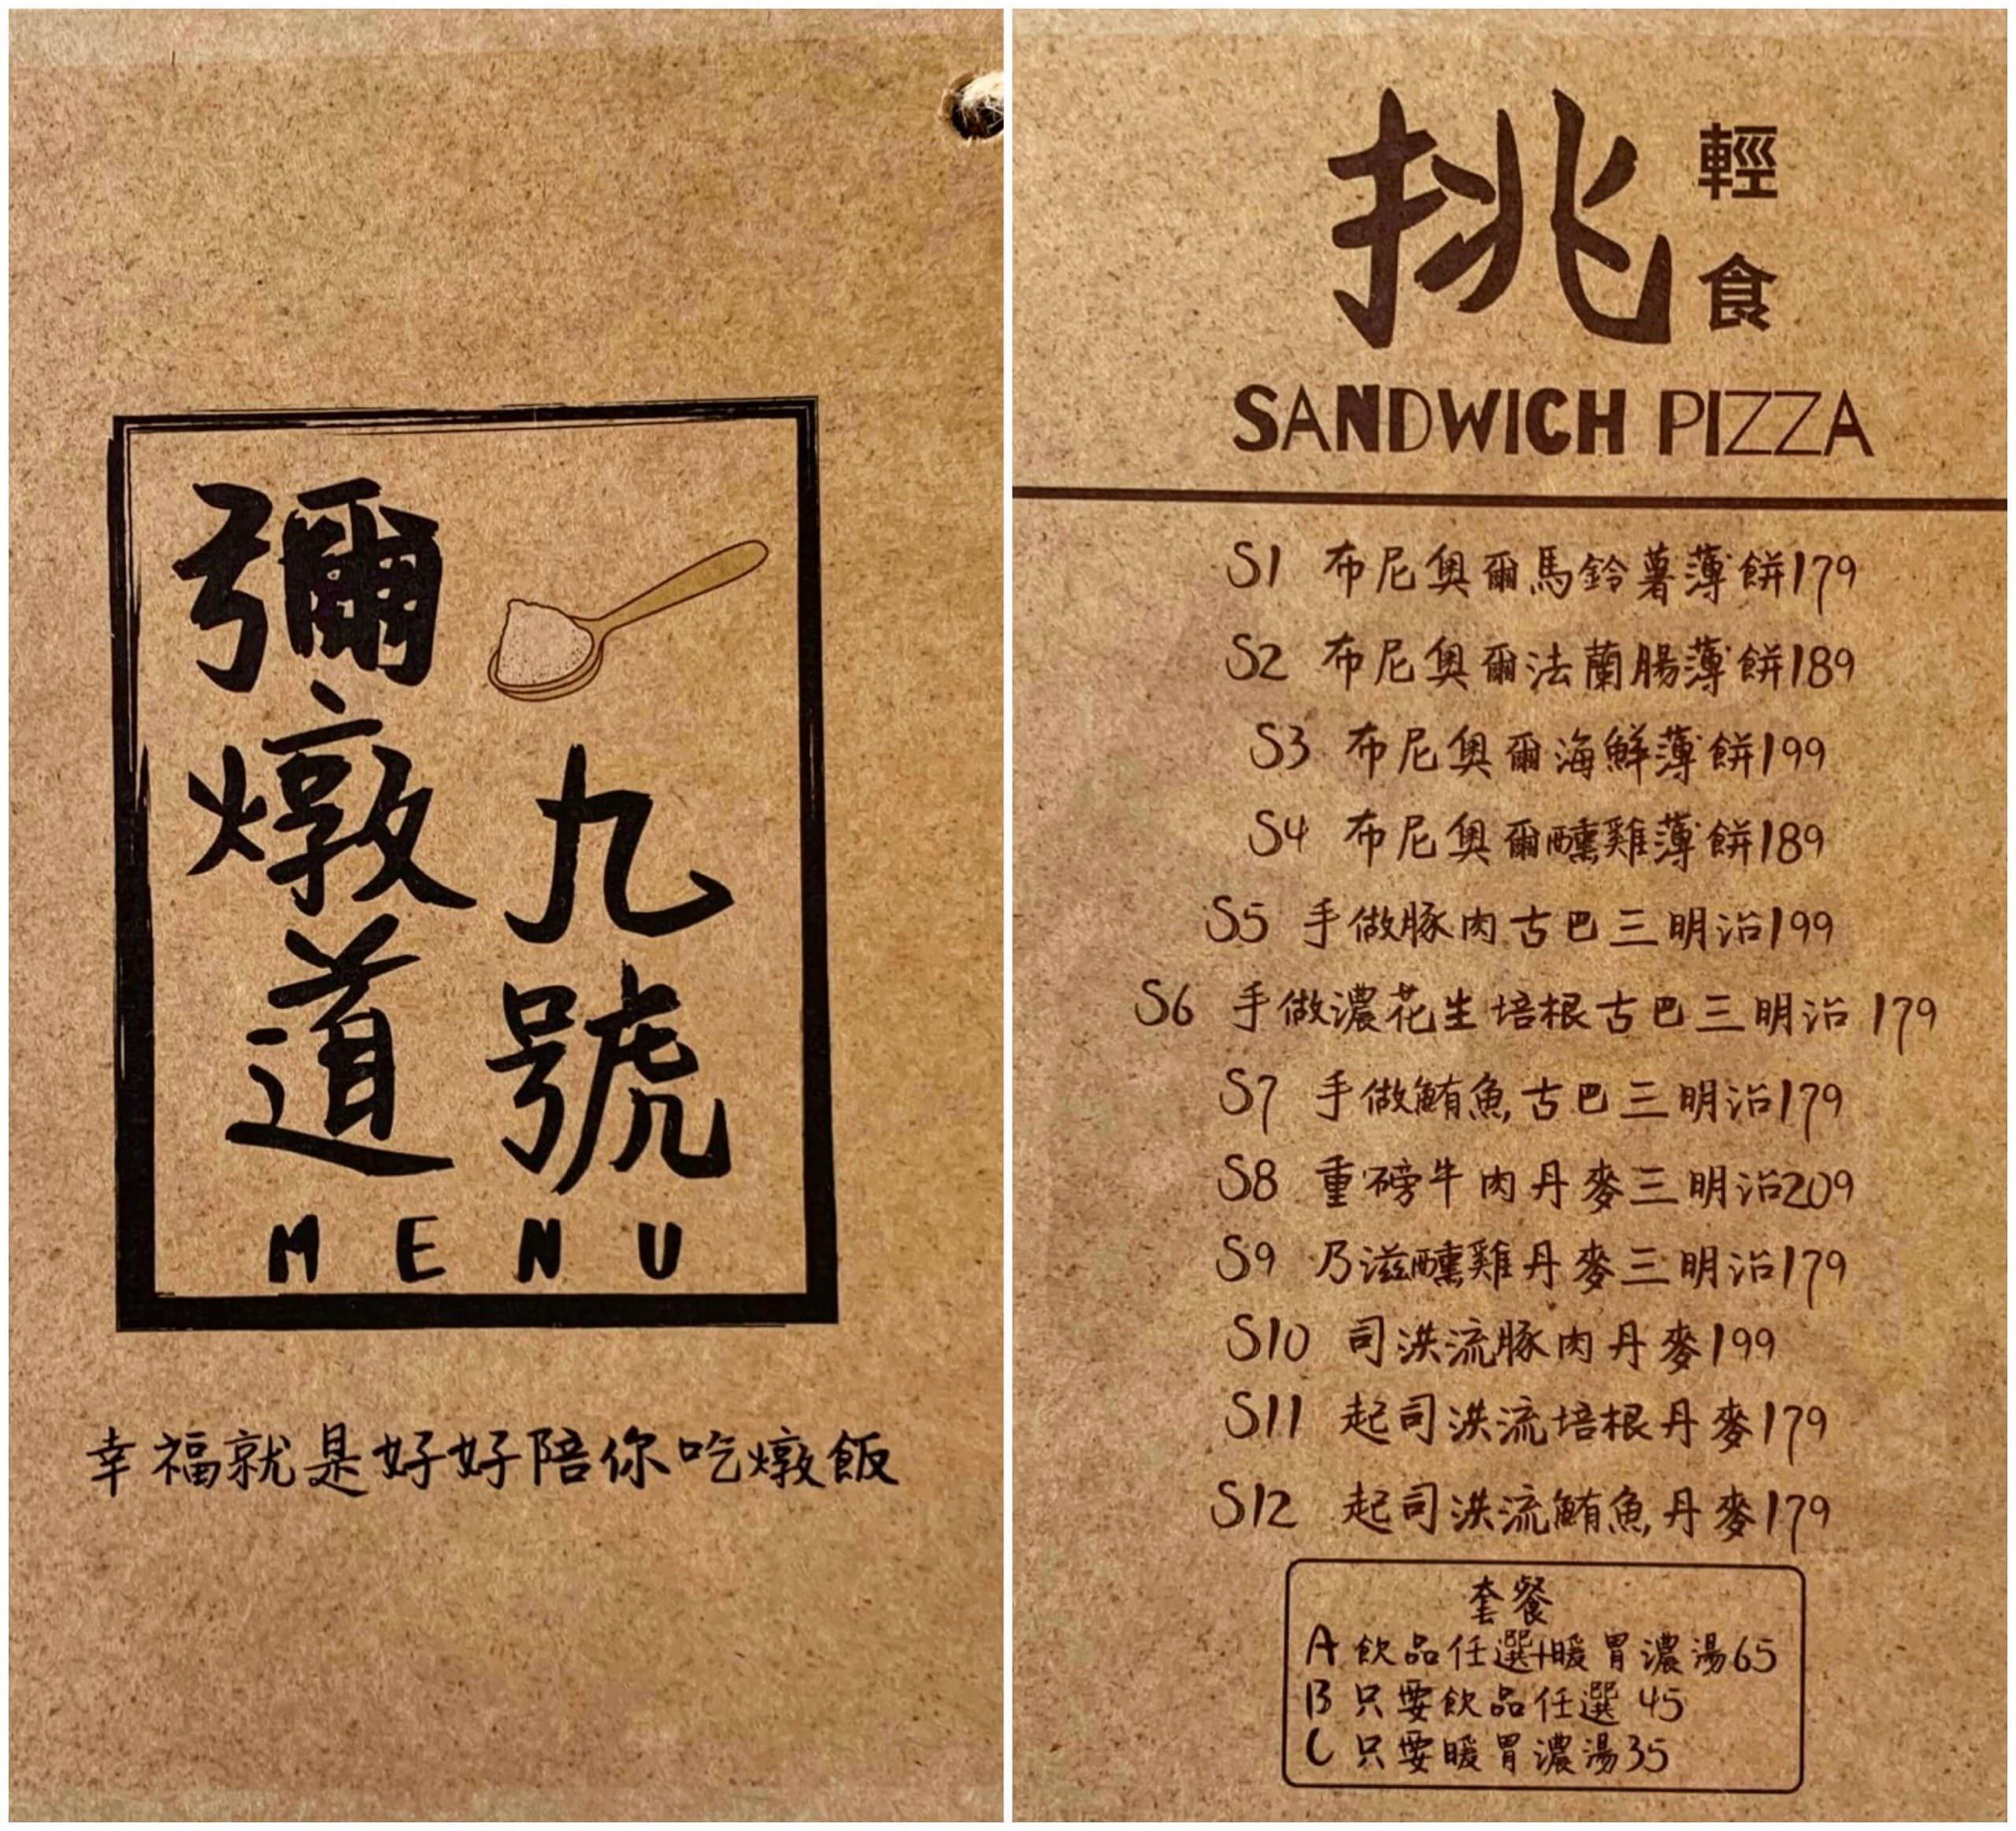 彌燉道九號菜單MENU